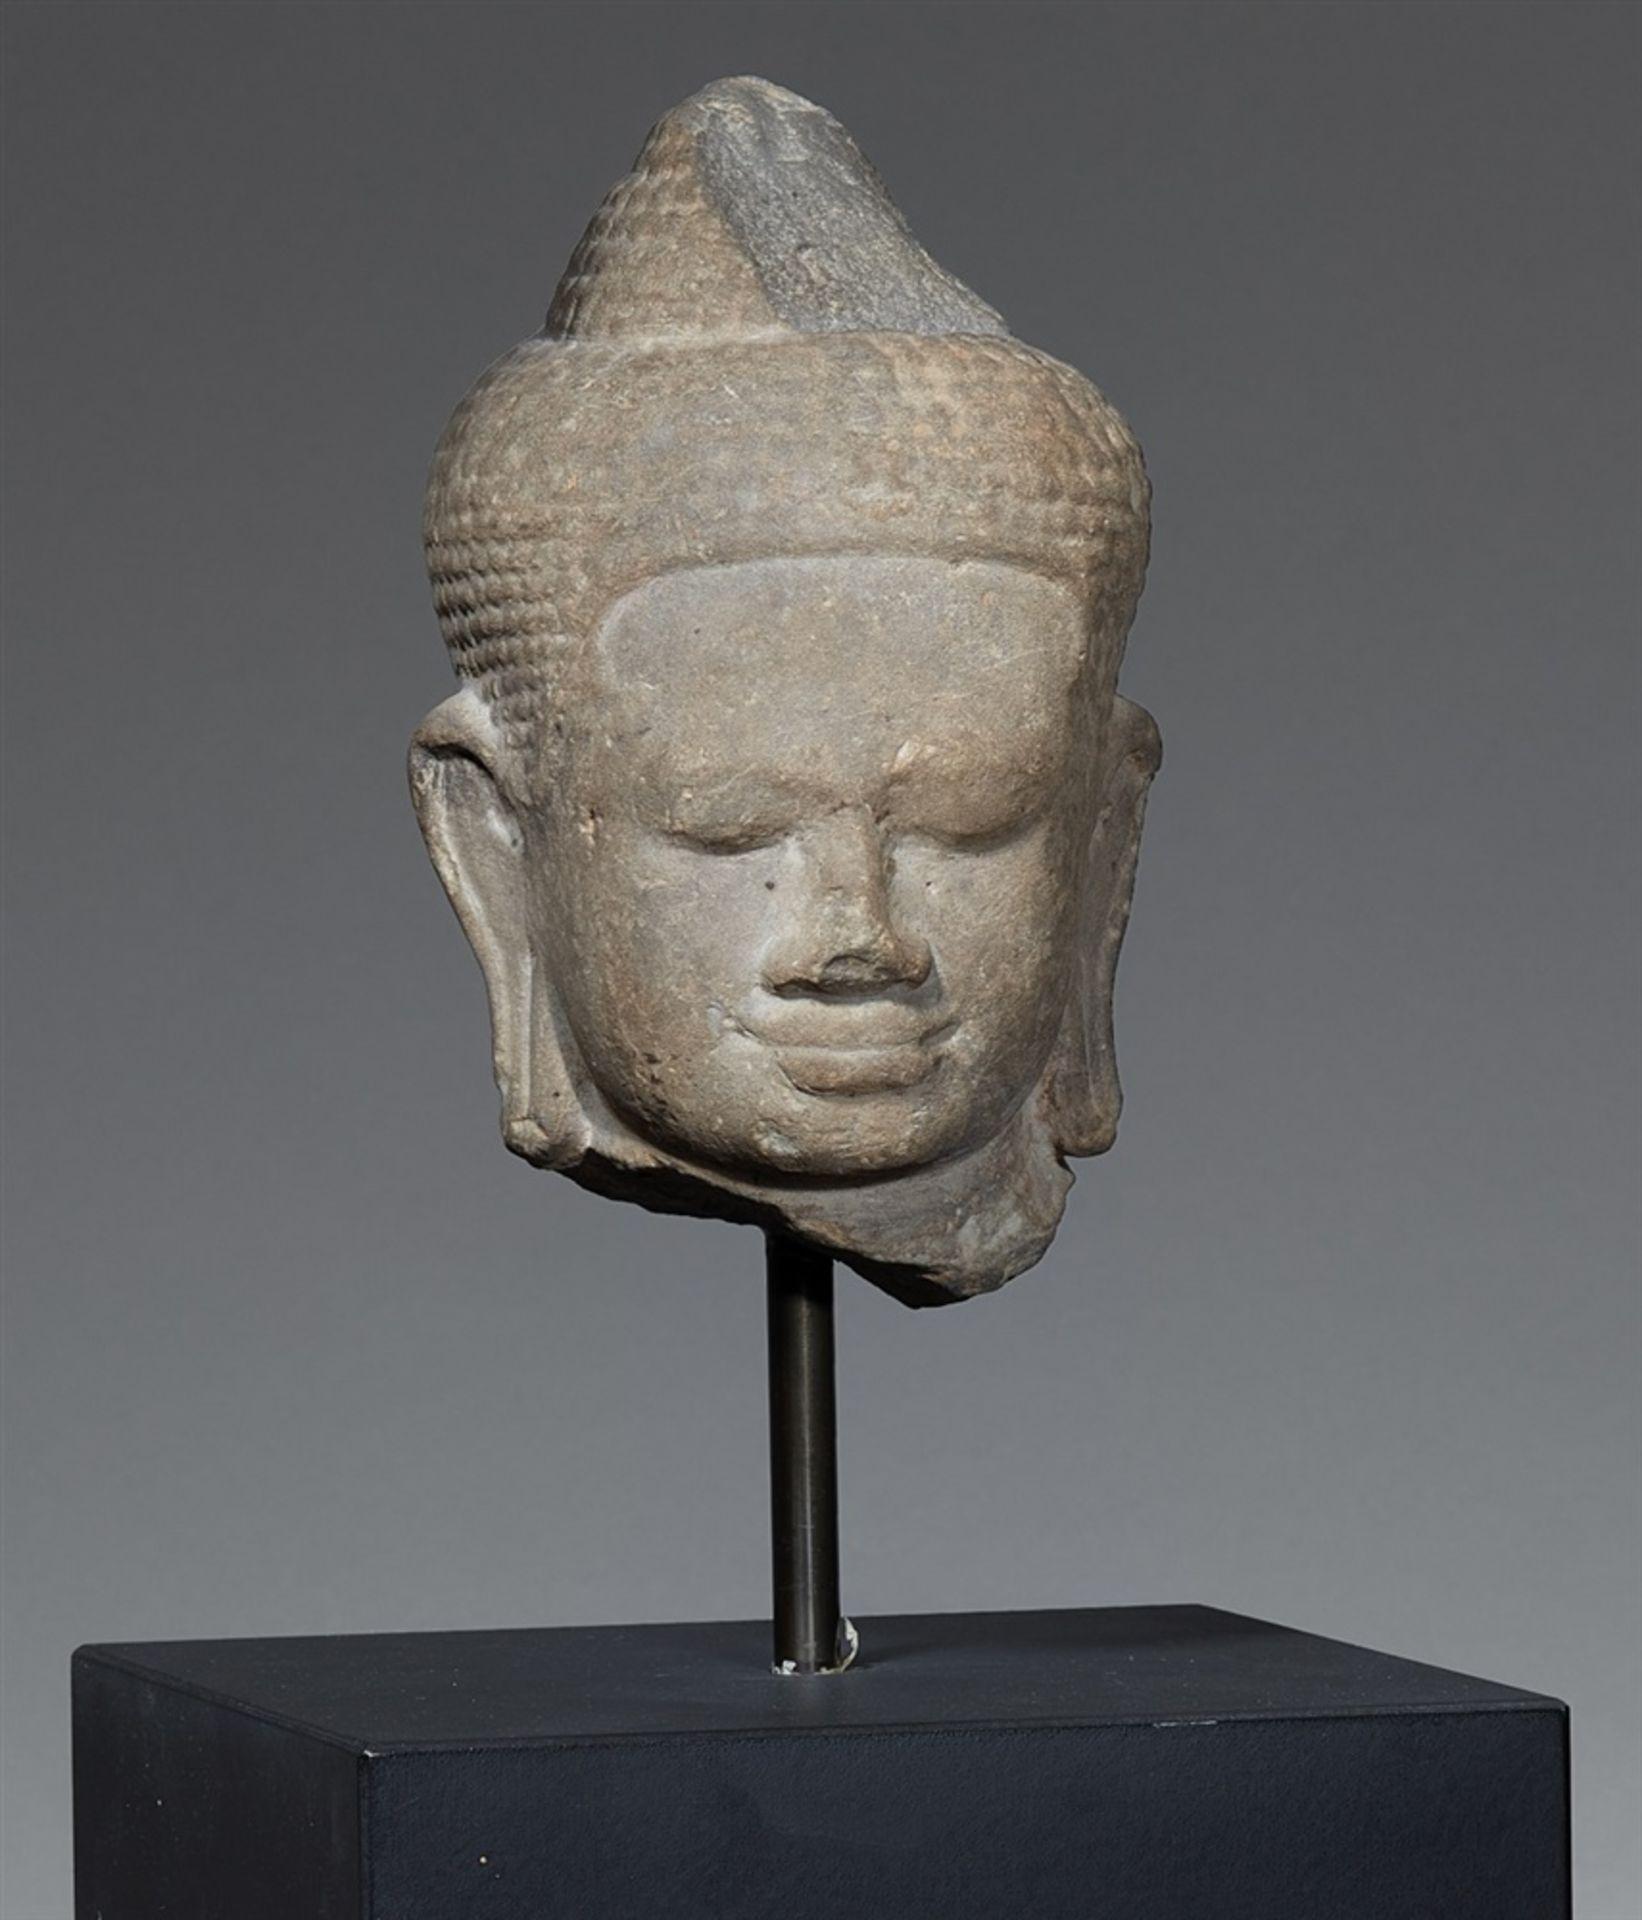 Kopf eines Buddha. Grauer Sandstein. Kambodscha. Baphuon-Stil. 11. Jh.